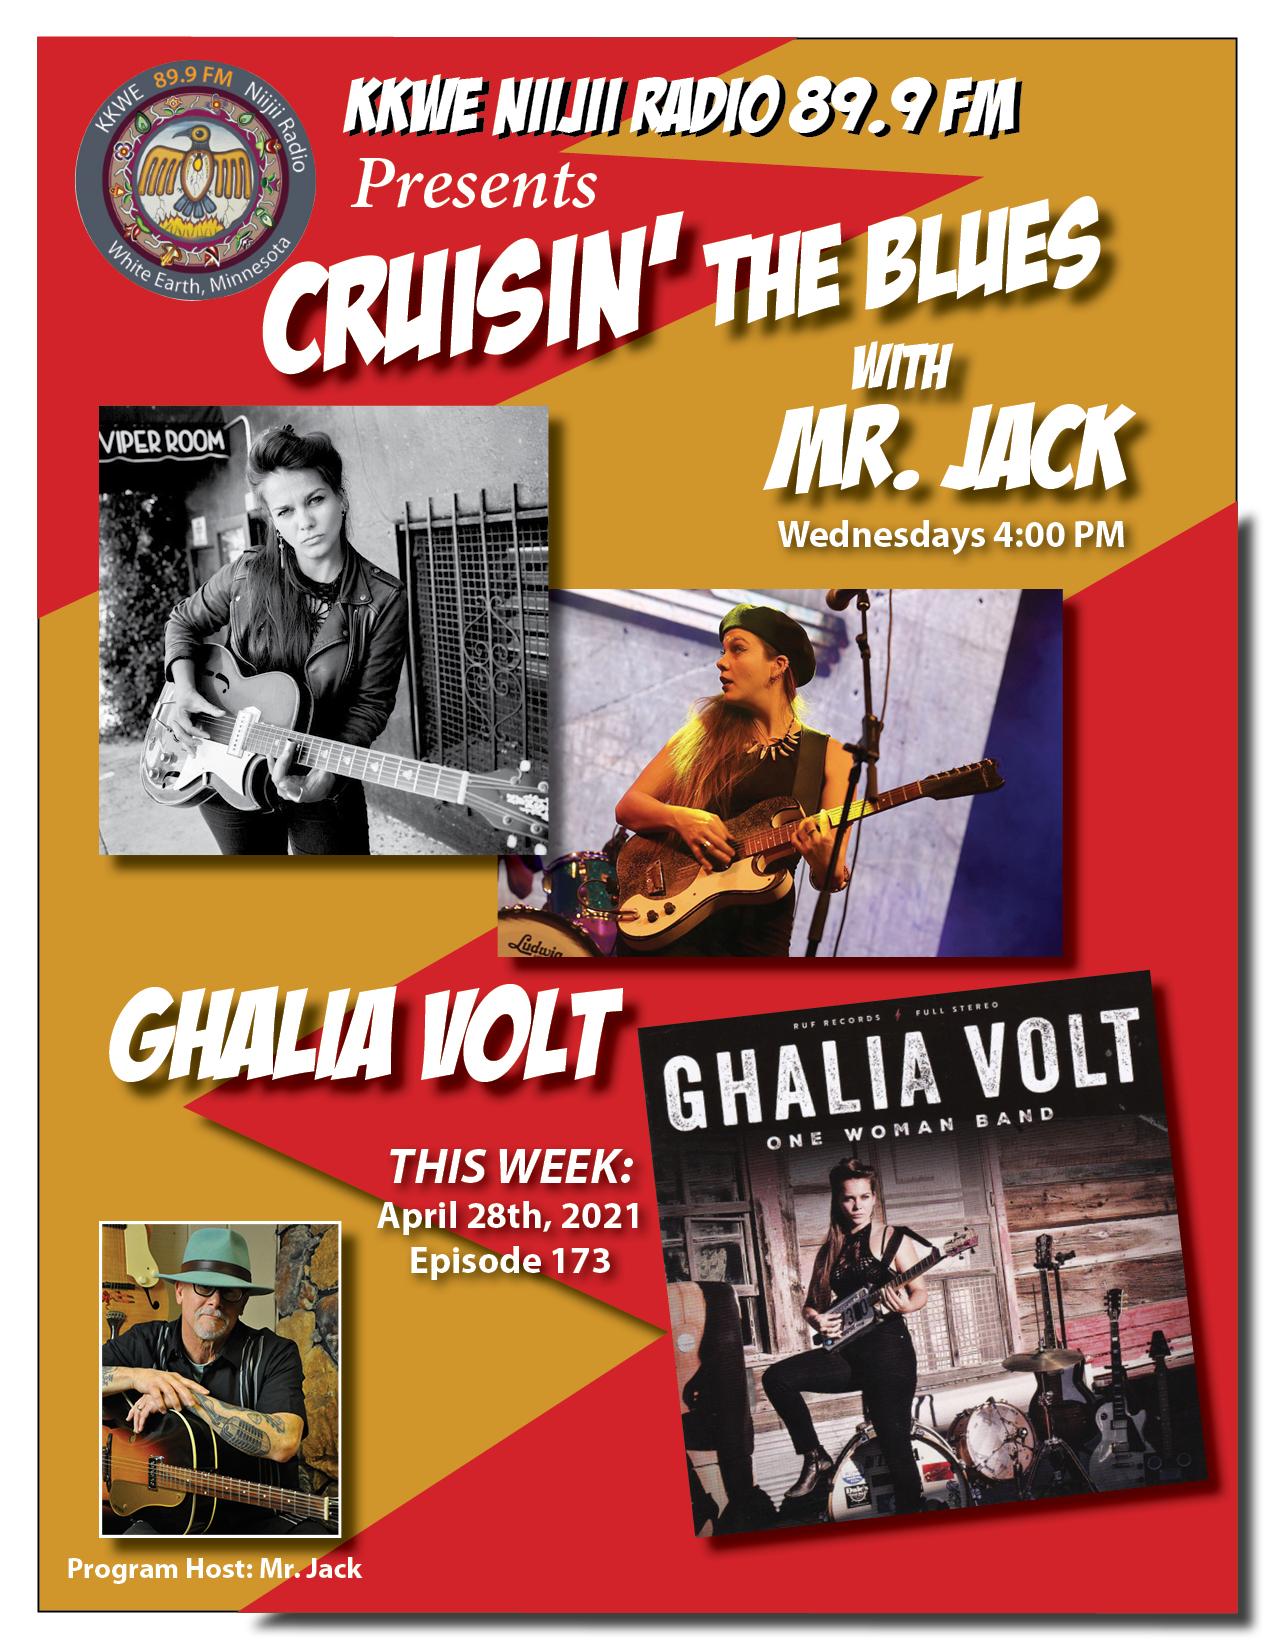 EP173 Ghaila Volt